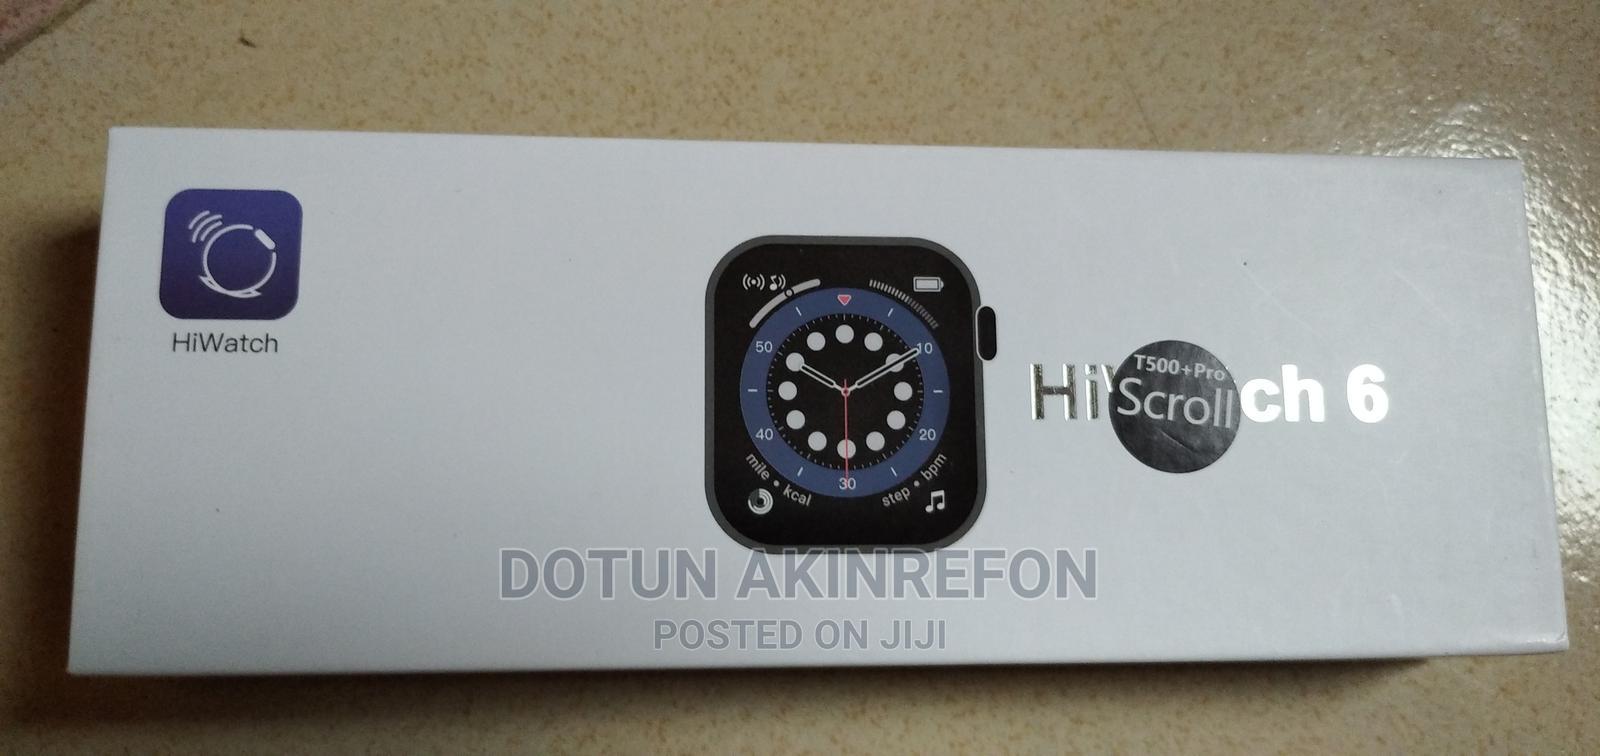 Archive: T500 Plus Pro Smartwatch